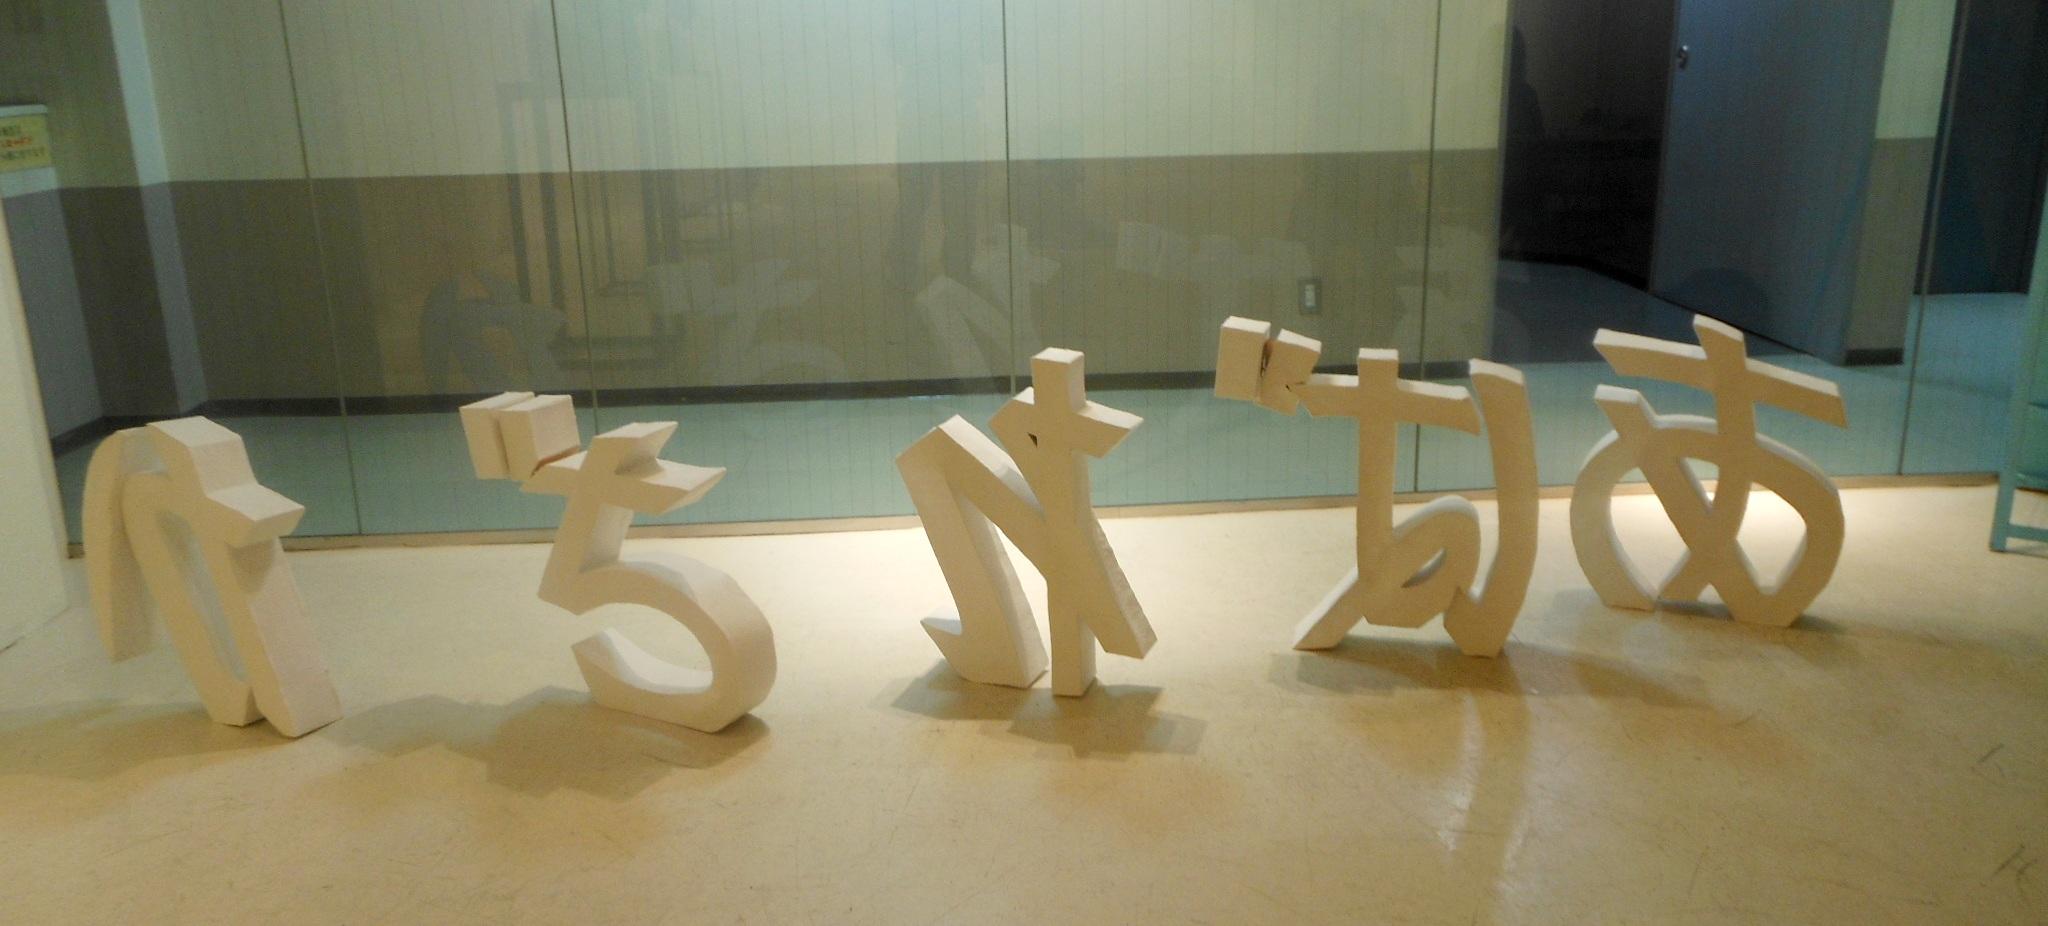 1894)「彫刻慕情あばれ坂 (北海道教育大学岩見沢校彫刻専攻展)」 アイボリー 11月13日(火)~11月18日(日)_f0126829_10265348.jpg